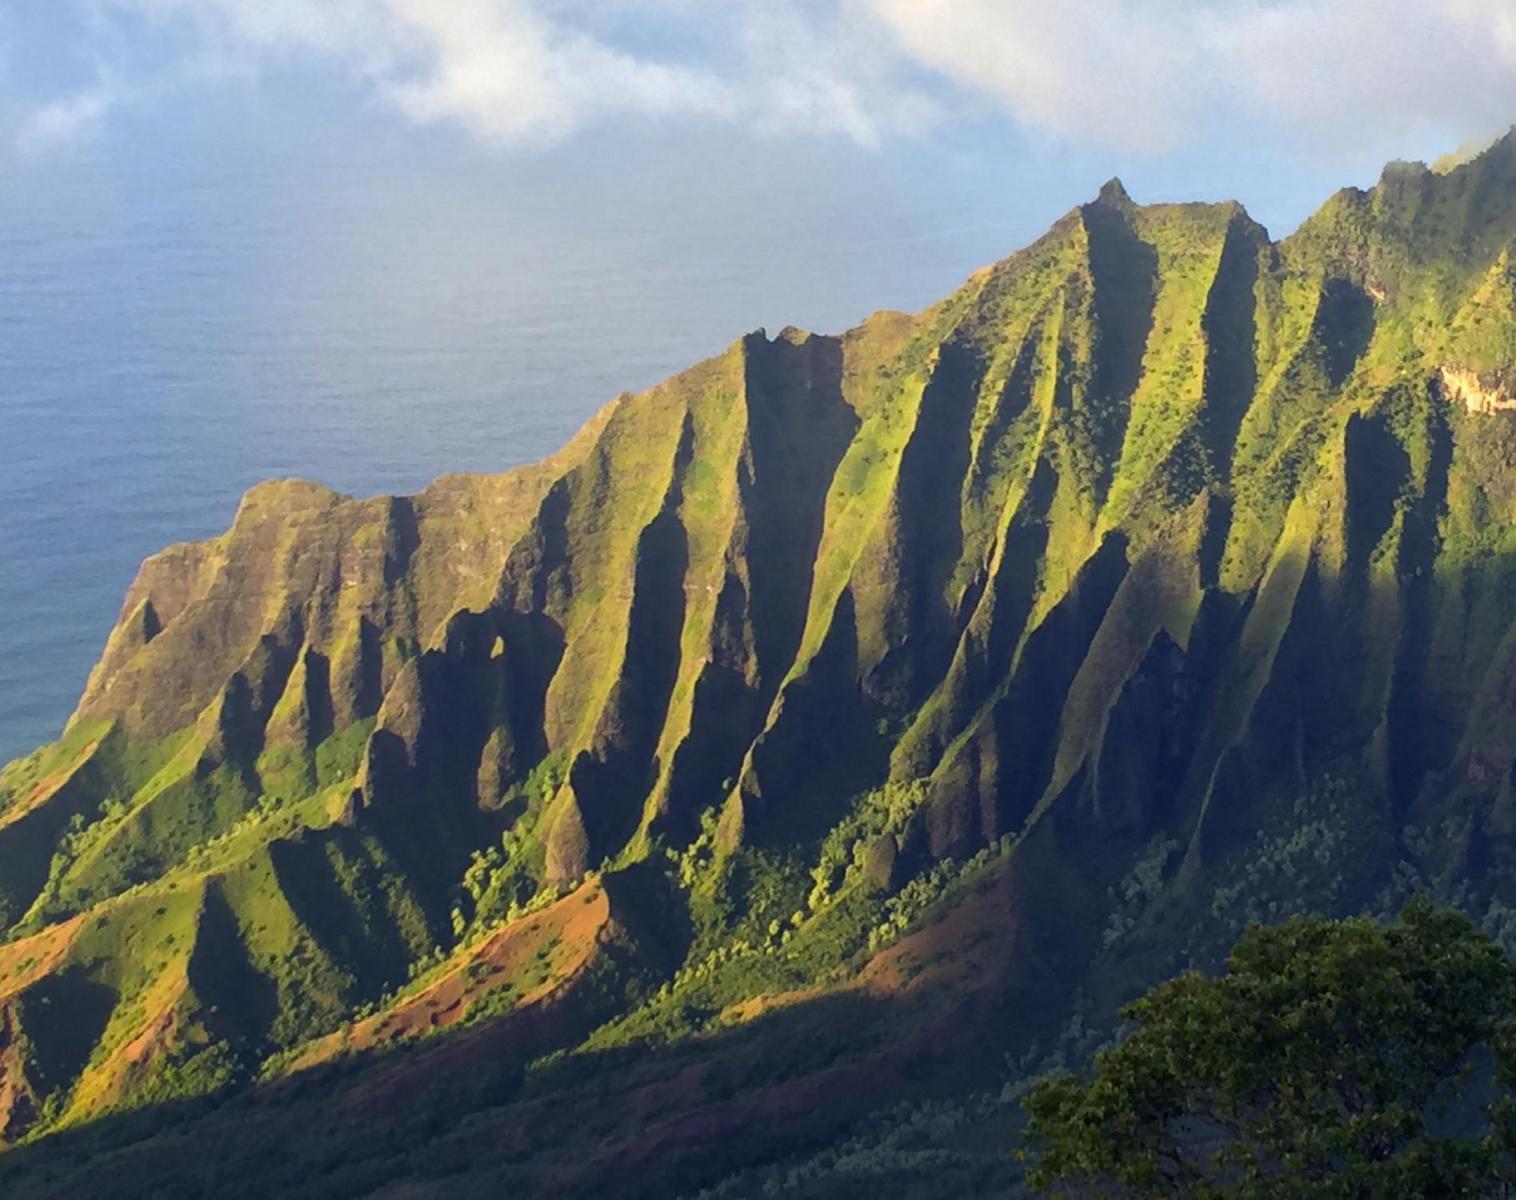 États-Unis  Hawaï entre volcans et océan   Découverte Kayak & Canoë Apnée & Plongée